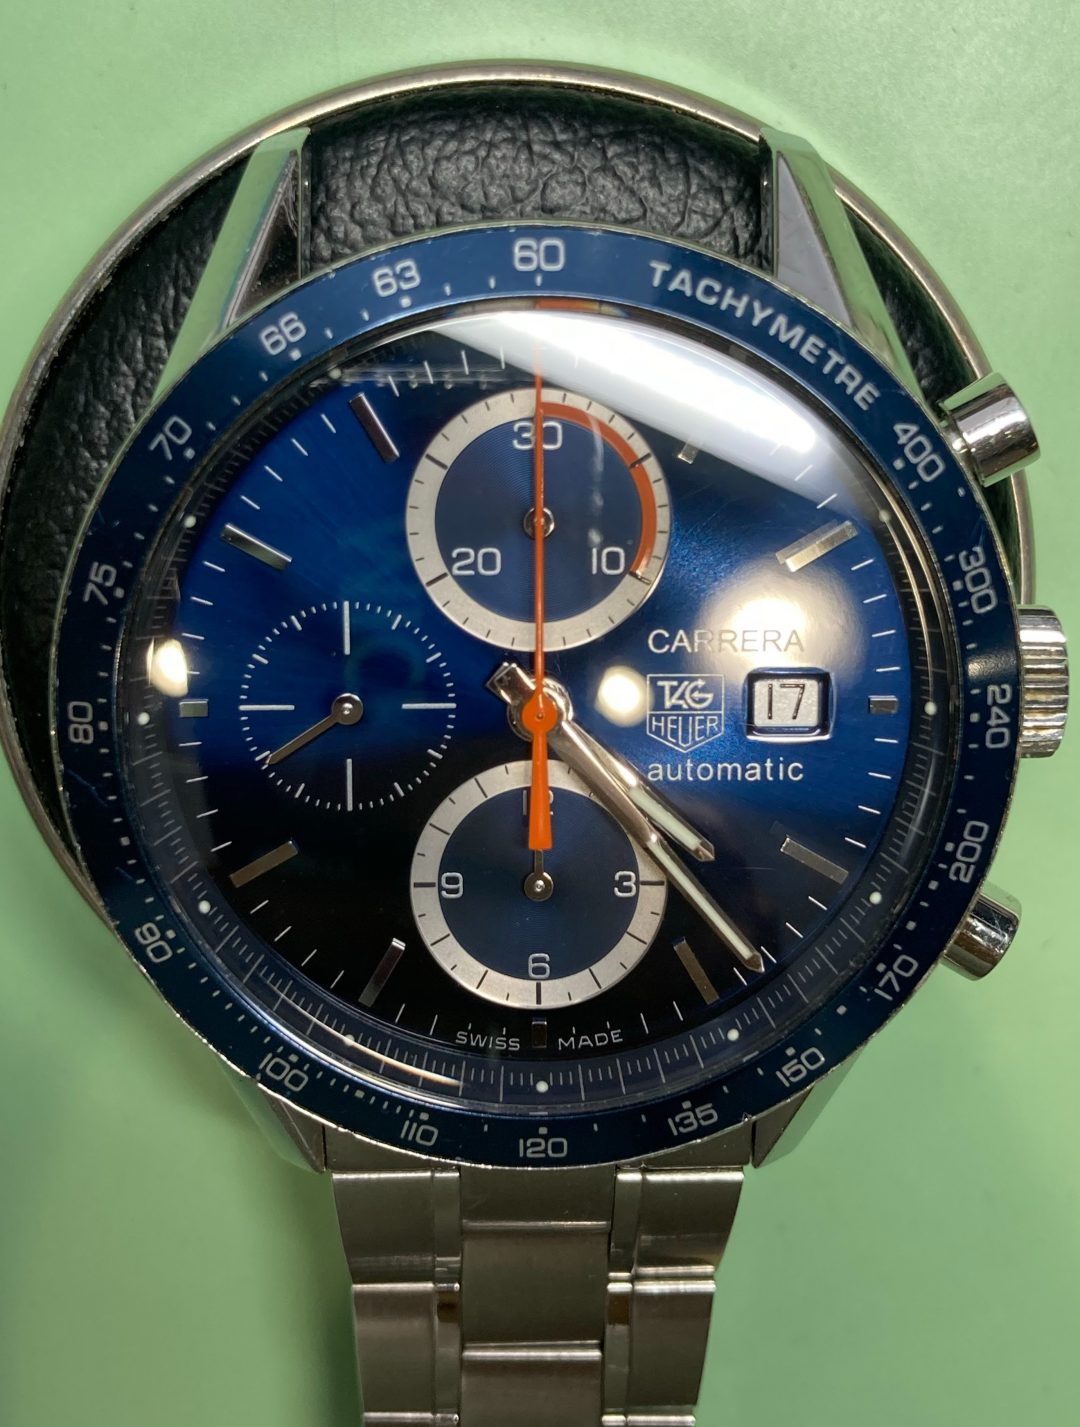 タグホイヤーのカレラ、新潟市にある時計修理工房でオーバーホールが可能です。ポリッシュ加工も承ります。